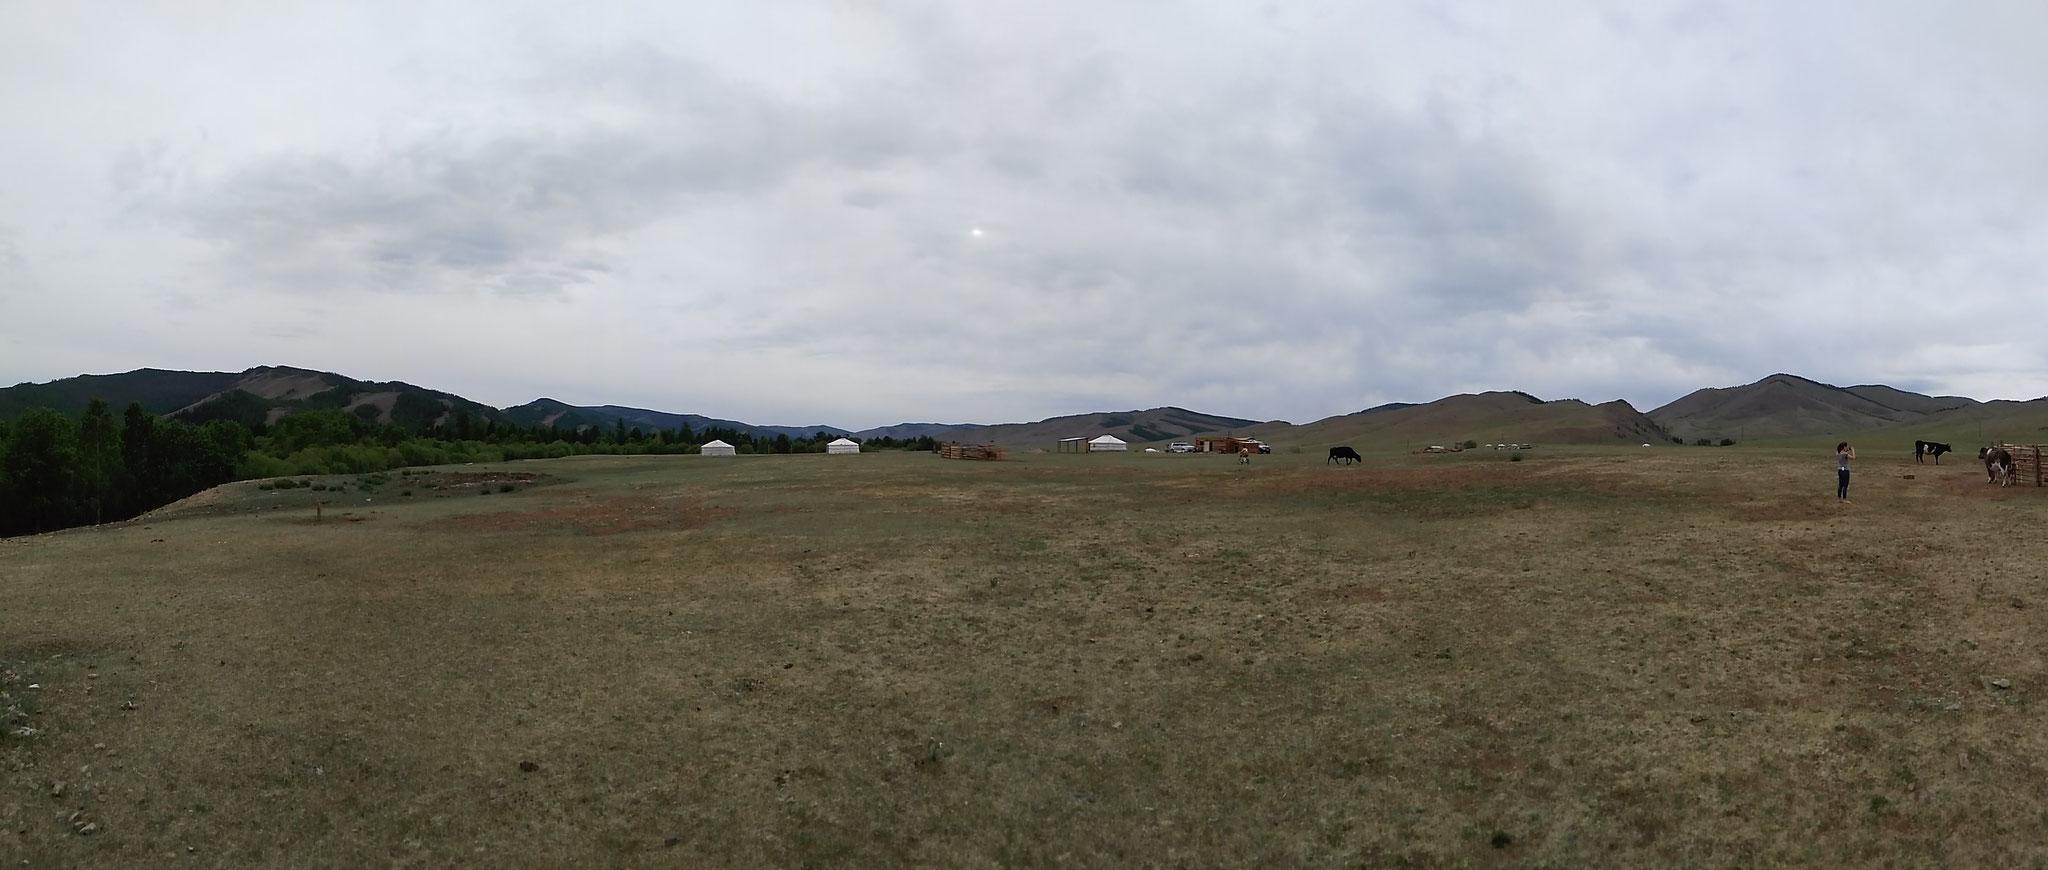 Parc Terelj - Mongolie